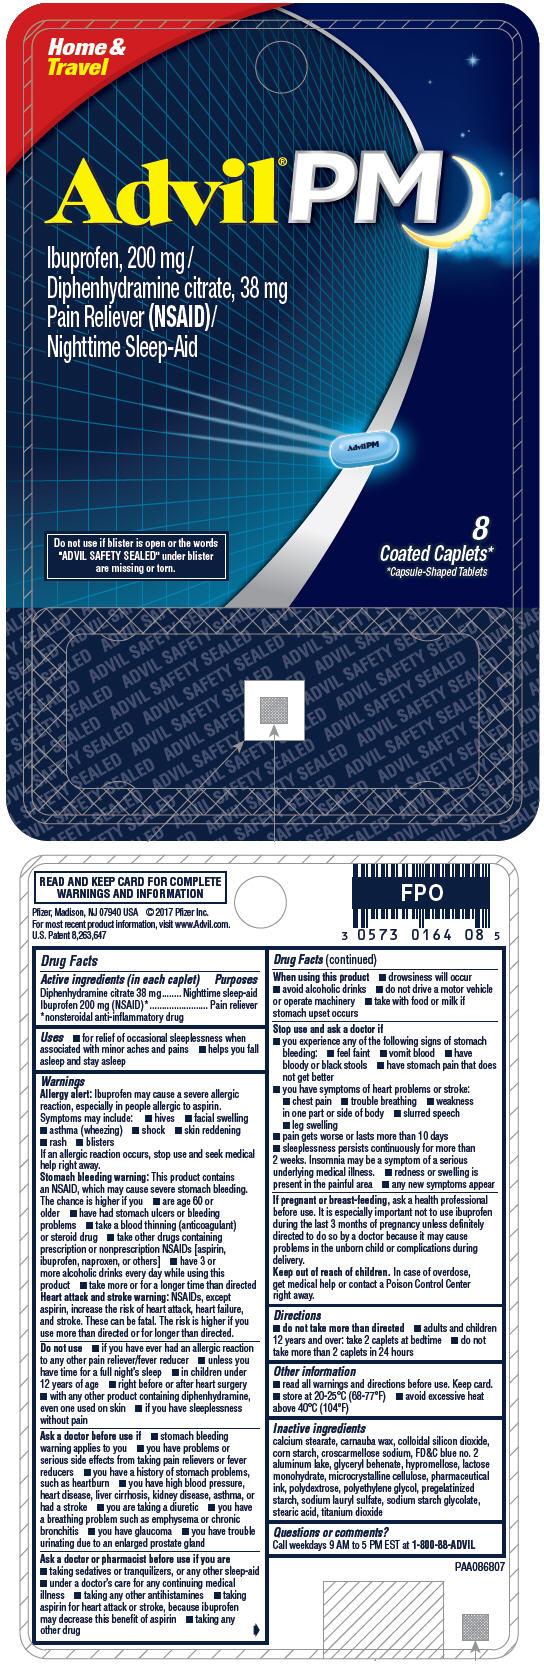 PRINCIPAL DISPLAY PANEL - 8 Caplet Vial Package